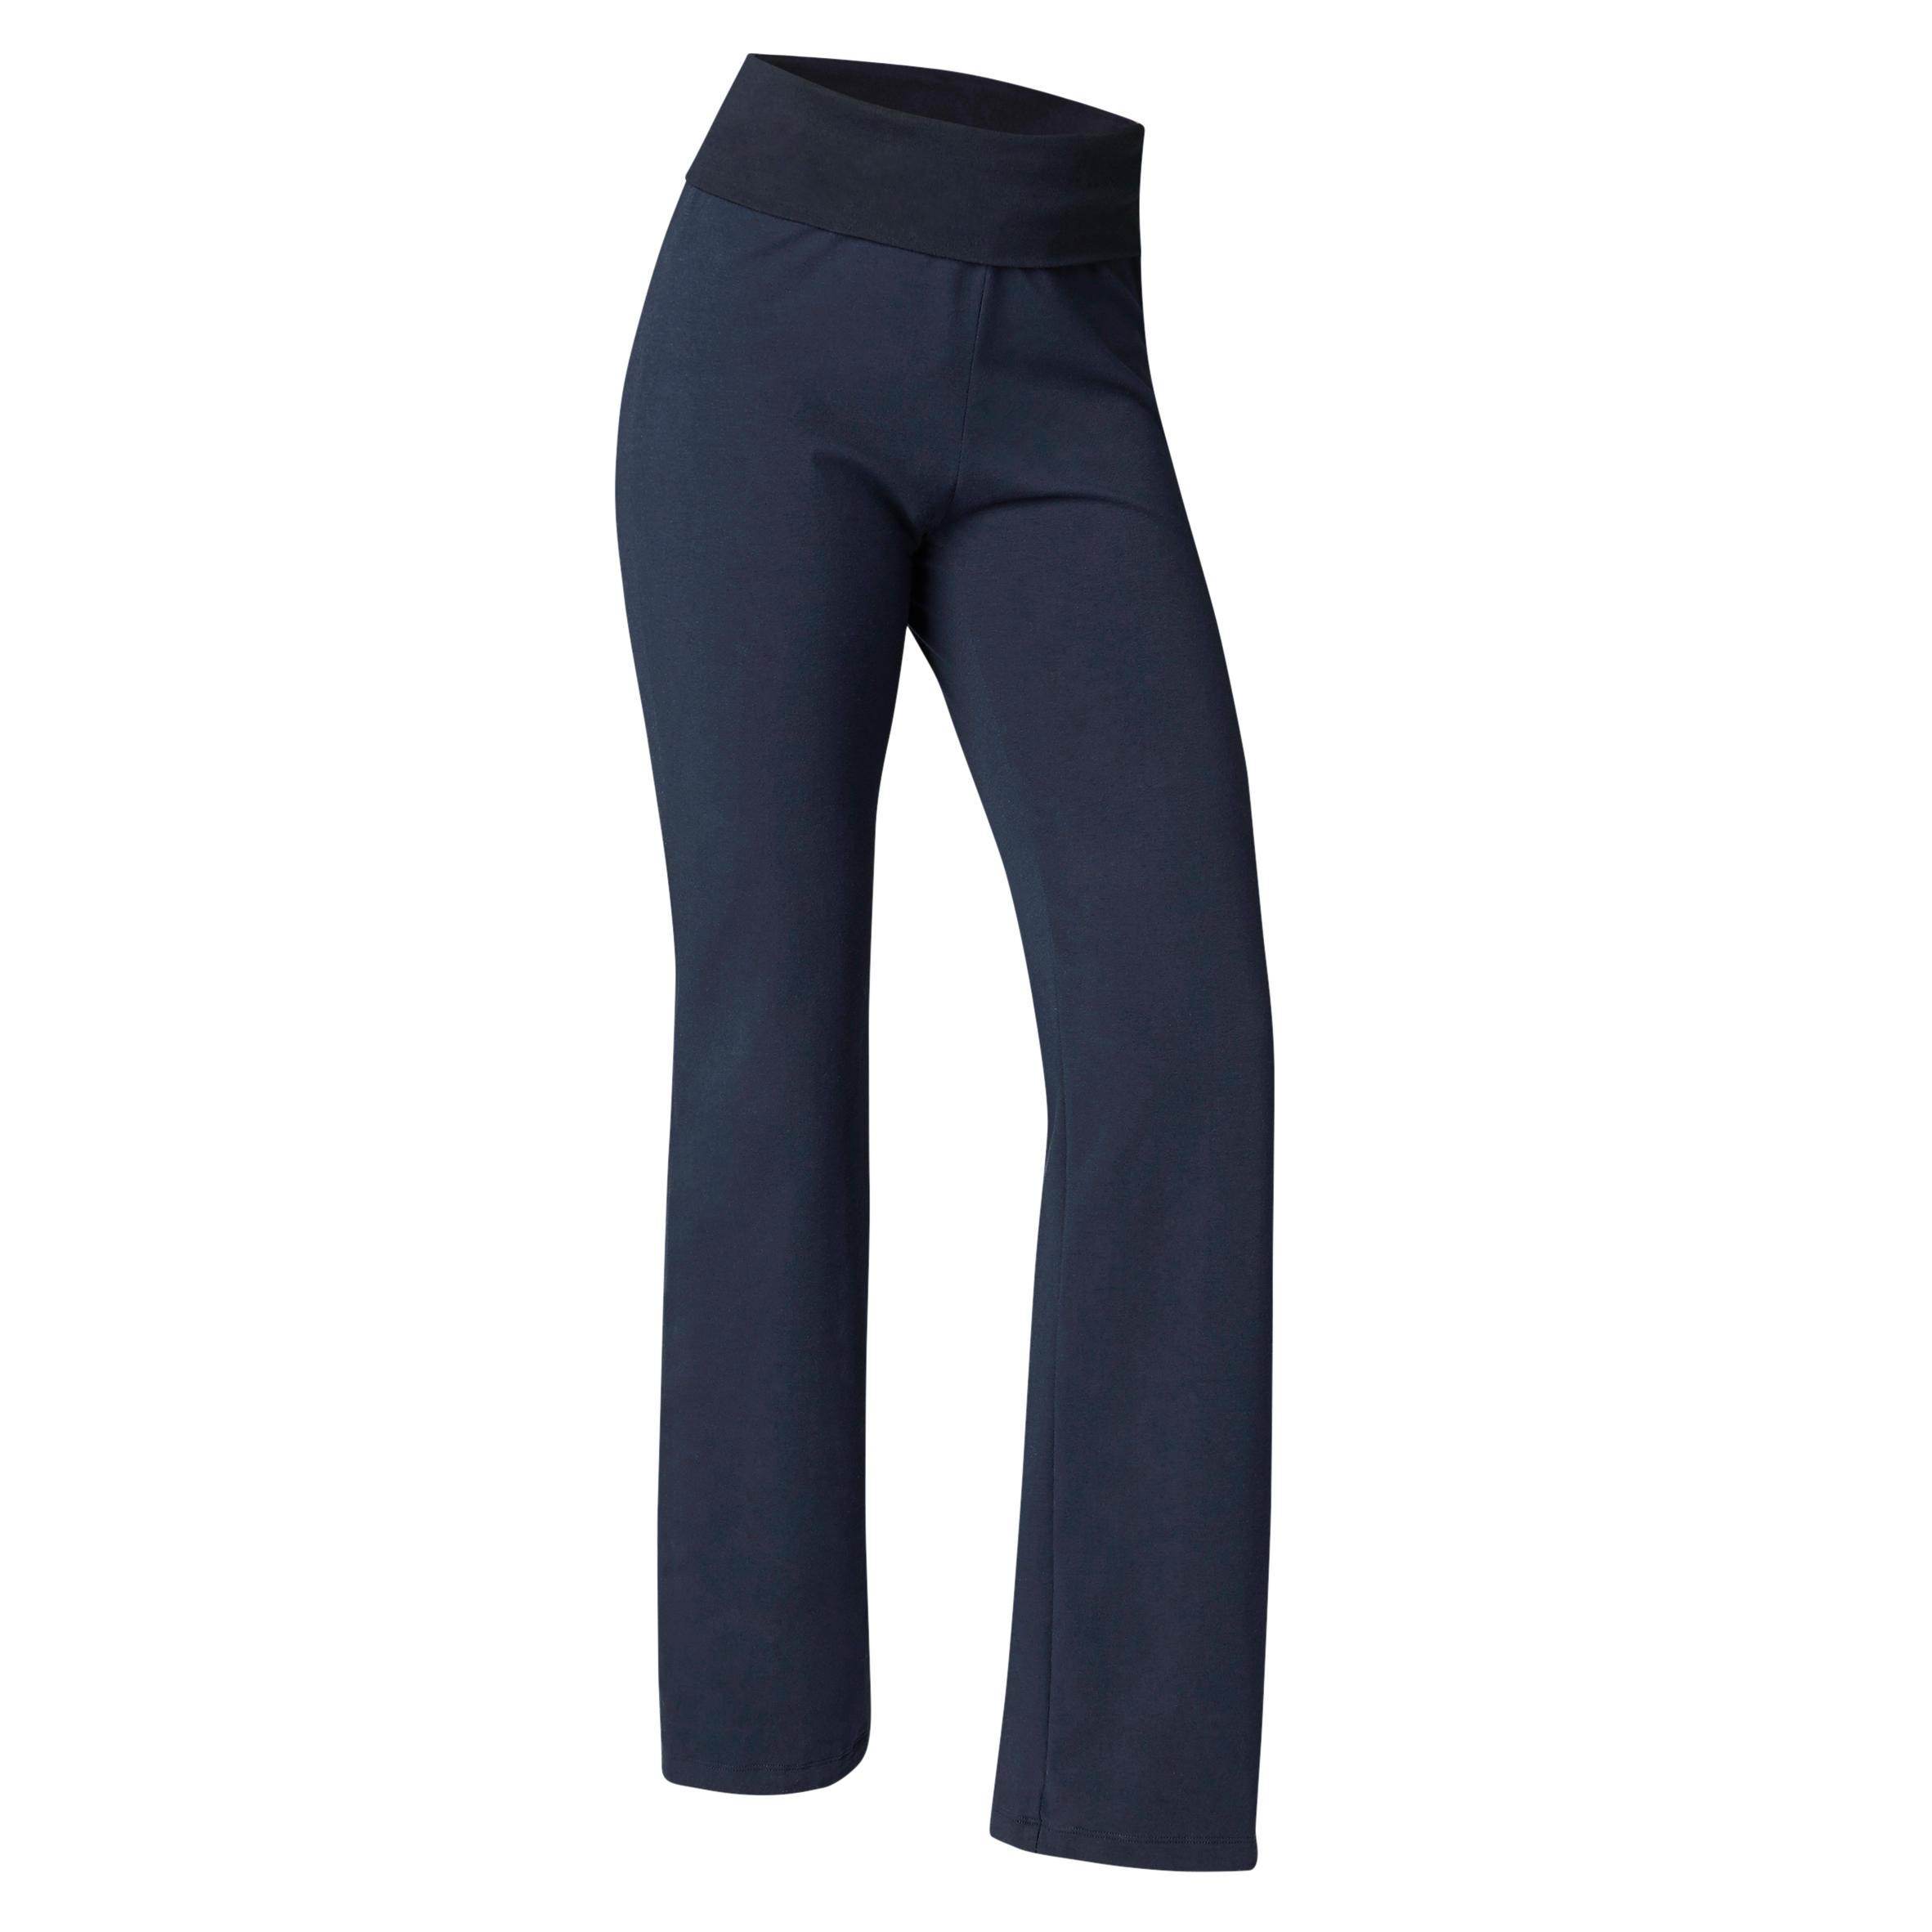 Yogahose sanftes Yoga aus Baumwolle aus biologischem Anbau Damen marineblau | Sportbekleidung > Sporthosen > Yogahosen | Blau | Baumwolle | Domyos